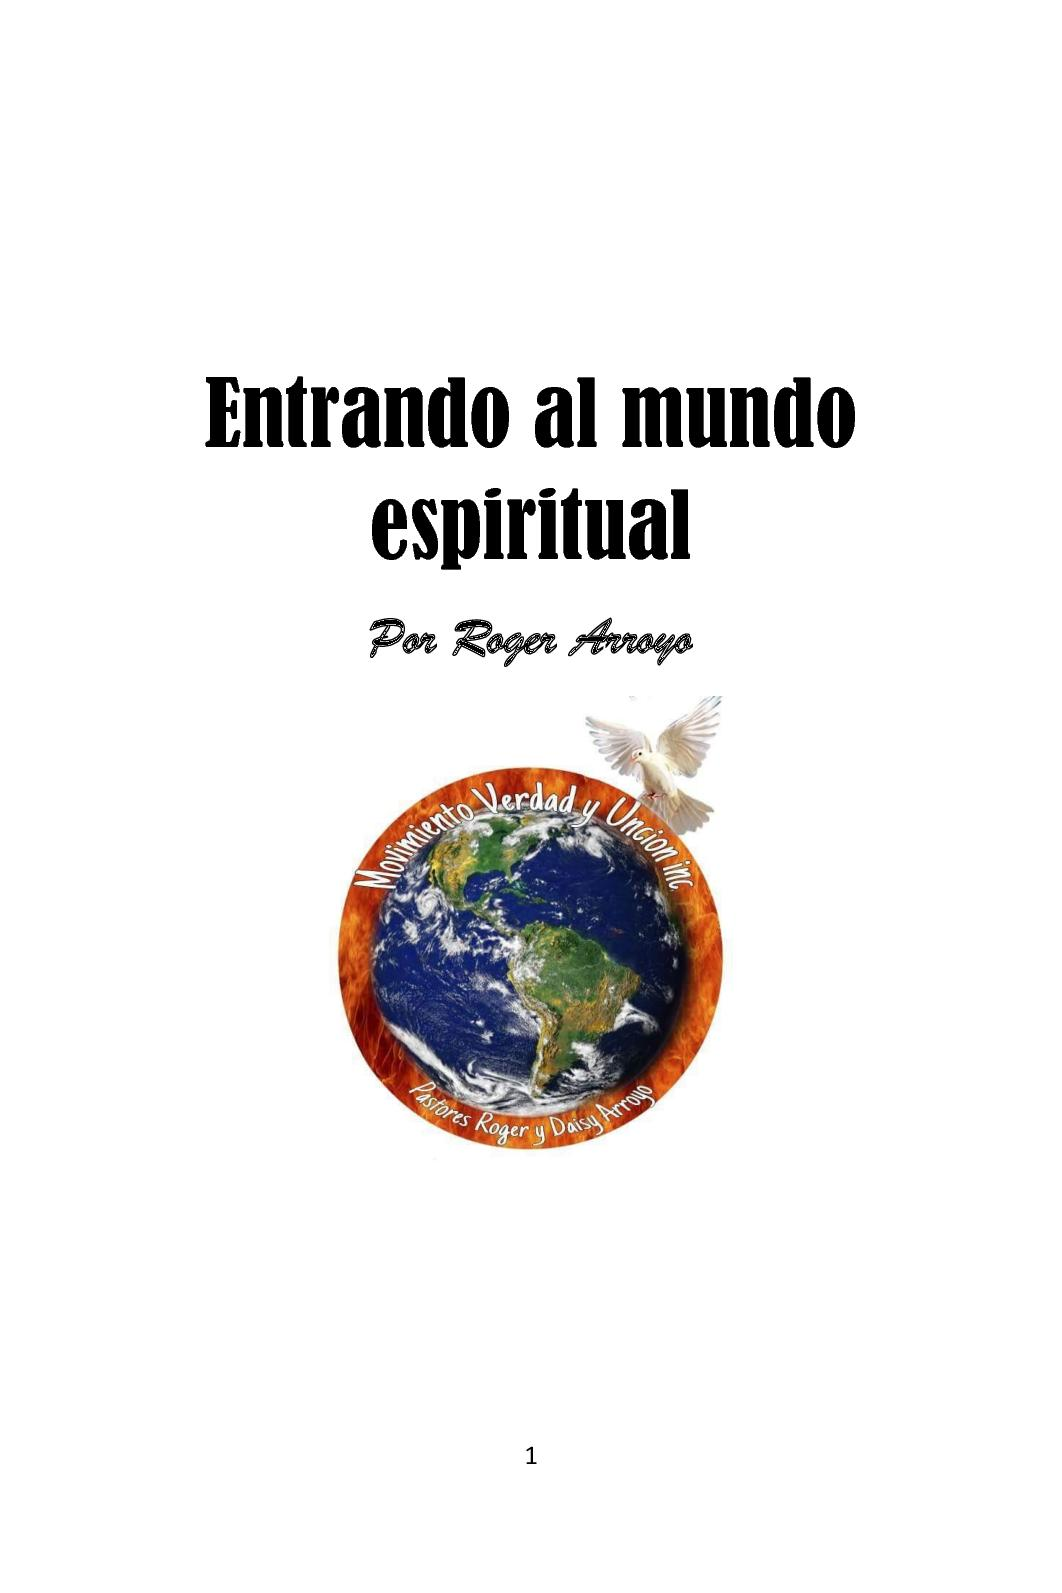 Entrando al mundo espiritual (por Roger Arroyo)